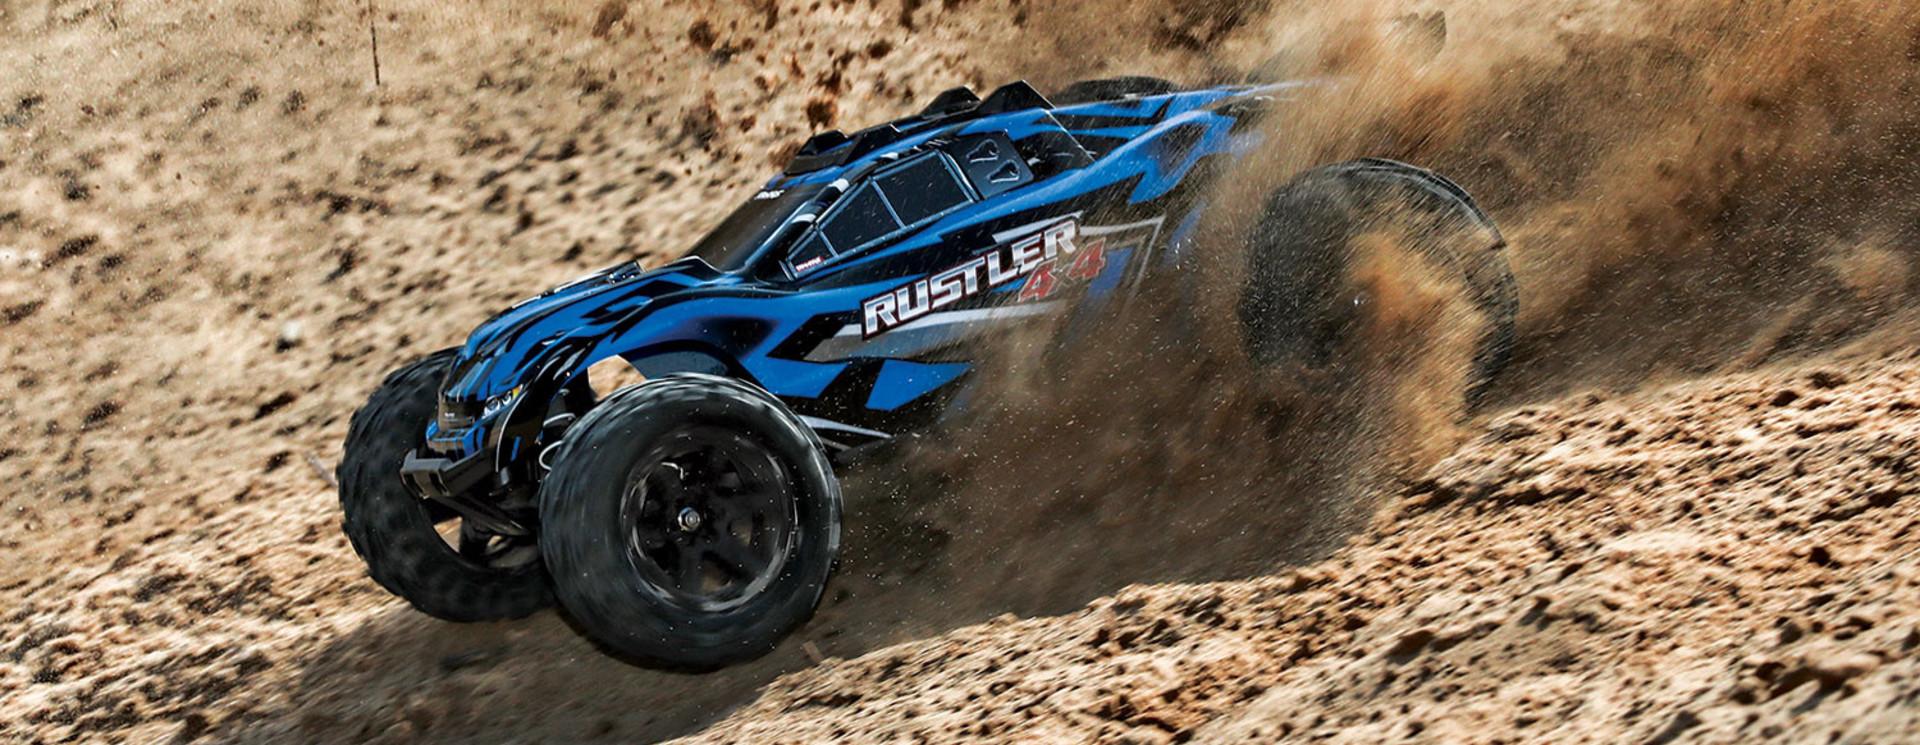 Tekening Rustler 4x4